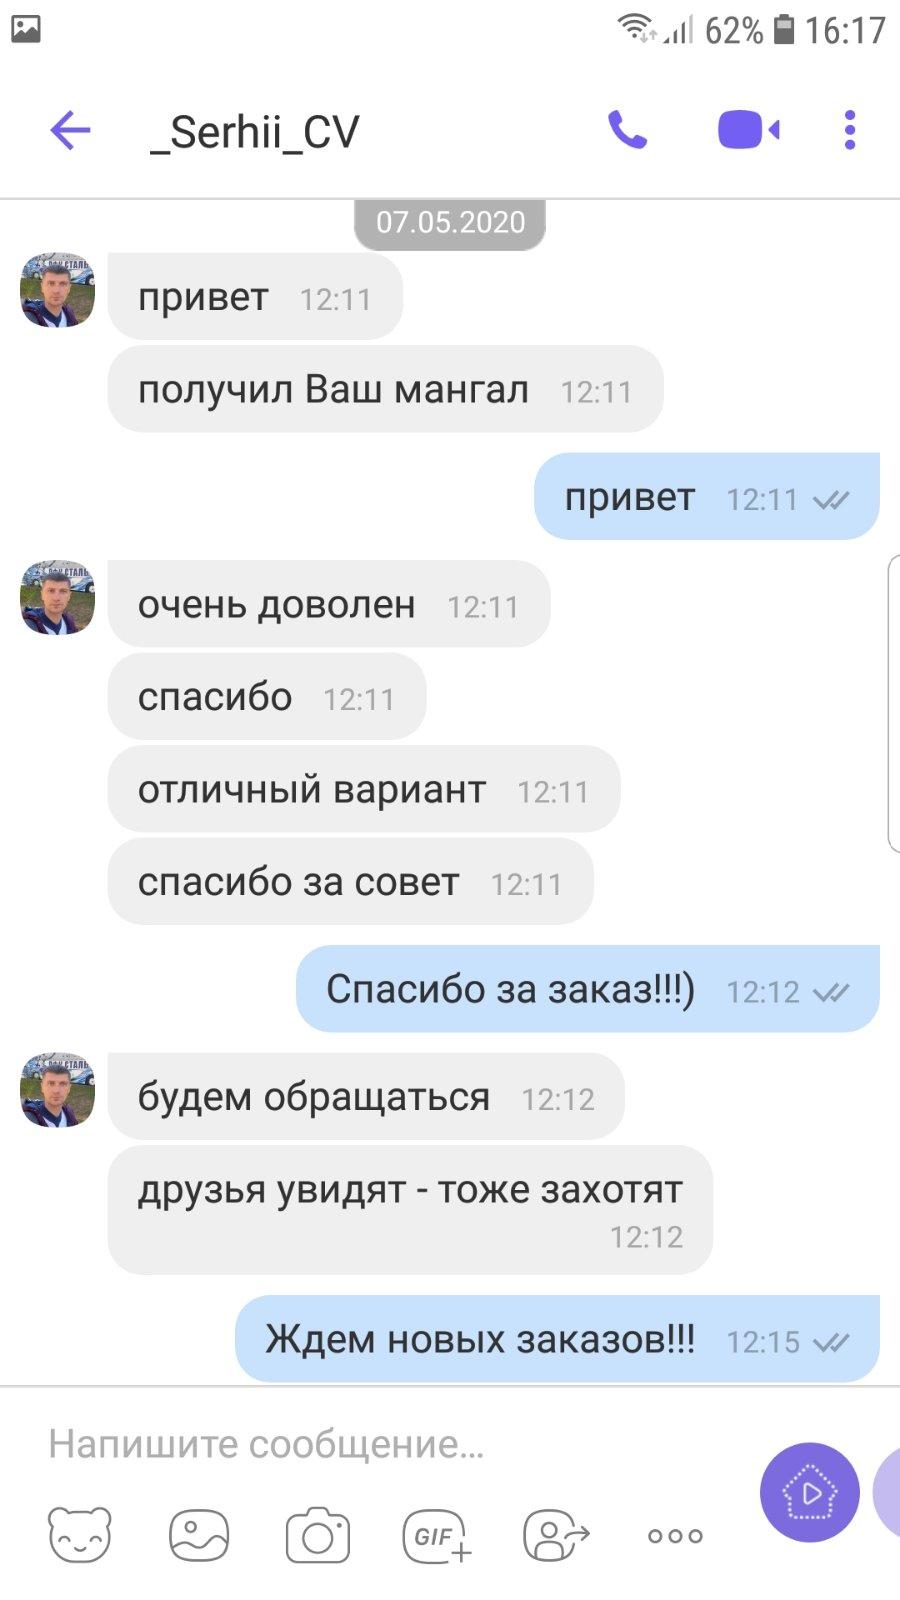 Отзывы клиентов - 4